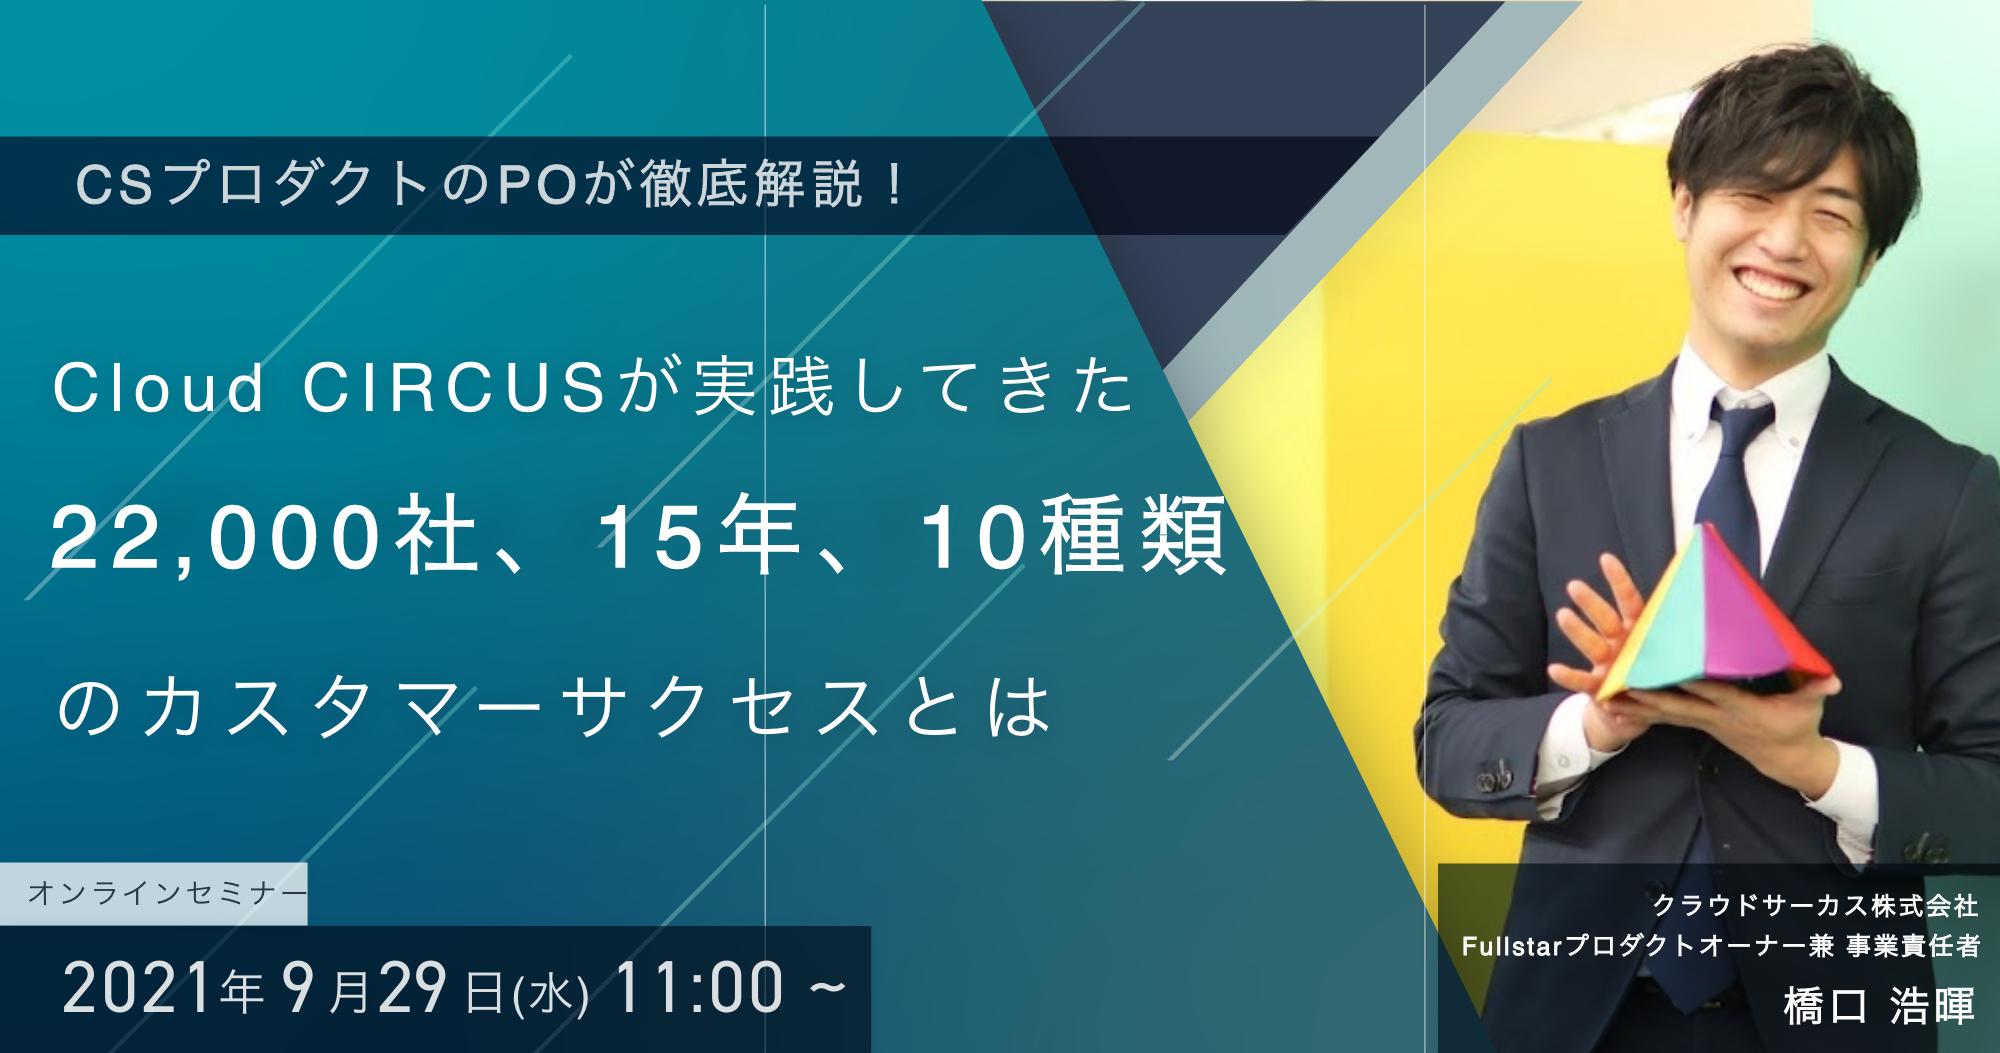 【9月29日(水)】CSプロダクトPOが解説!22,000社、15年、10種類のSaaSのカスタマーサクセスとは?